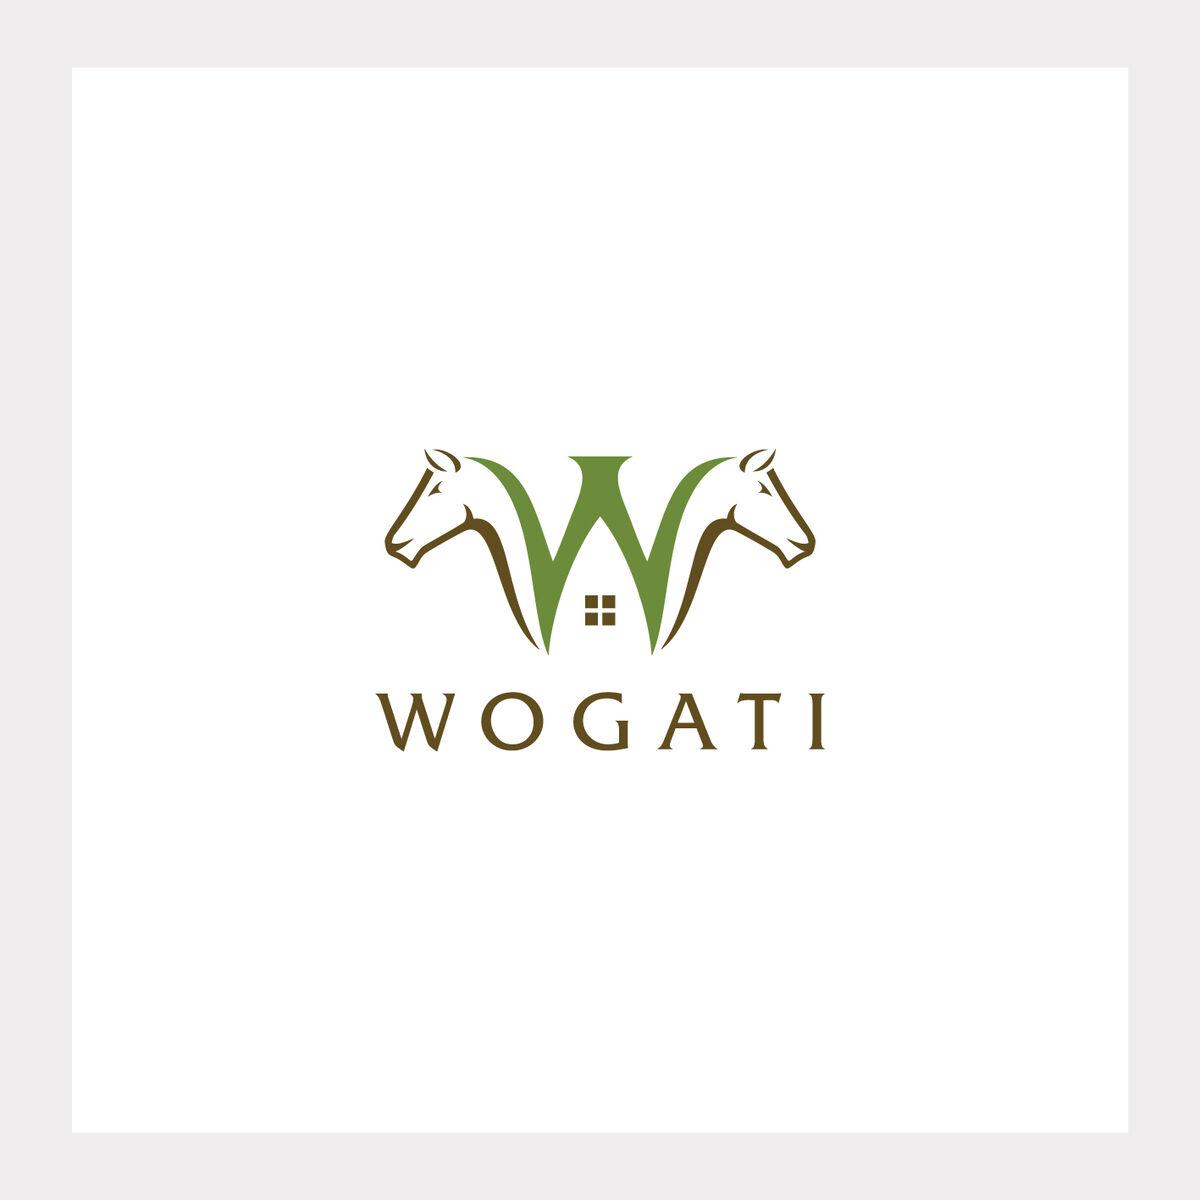 Wogati